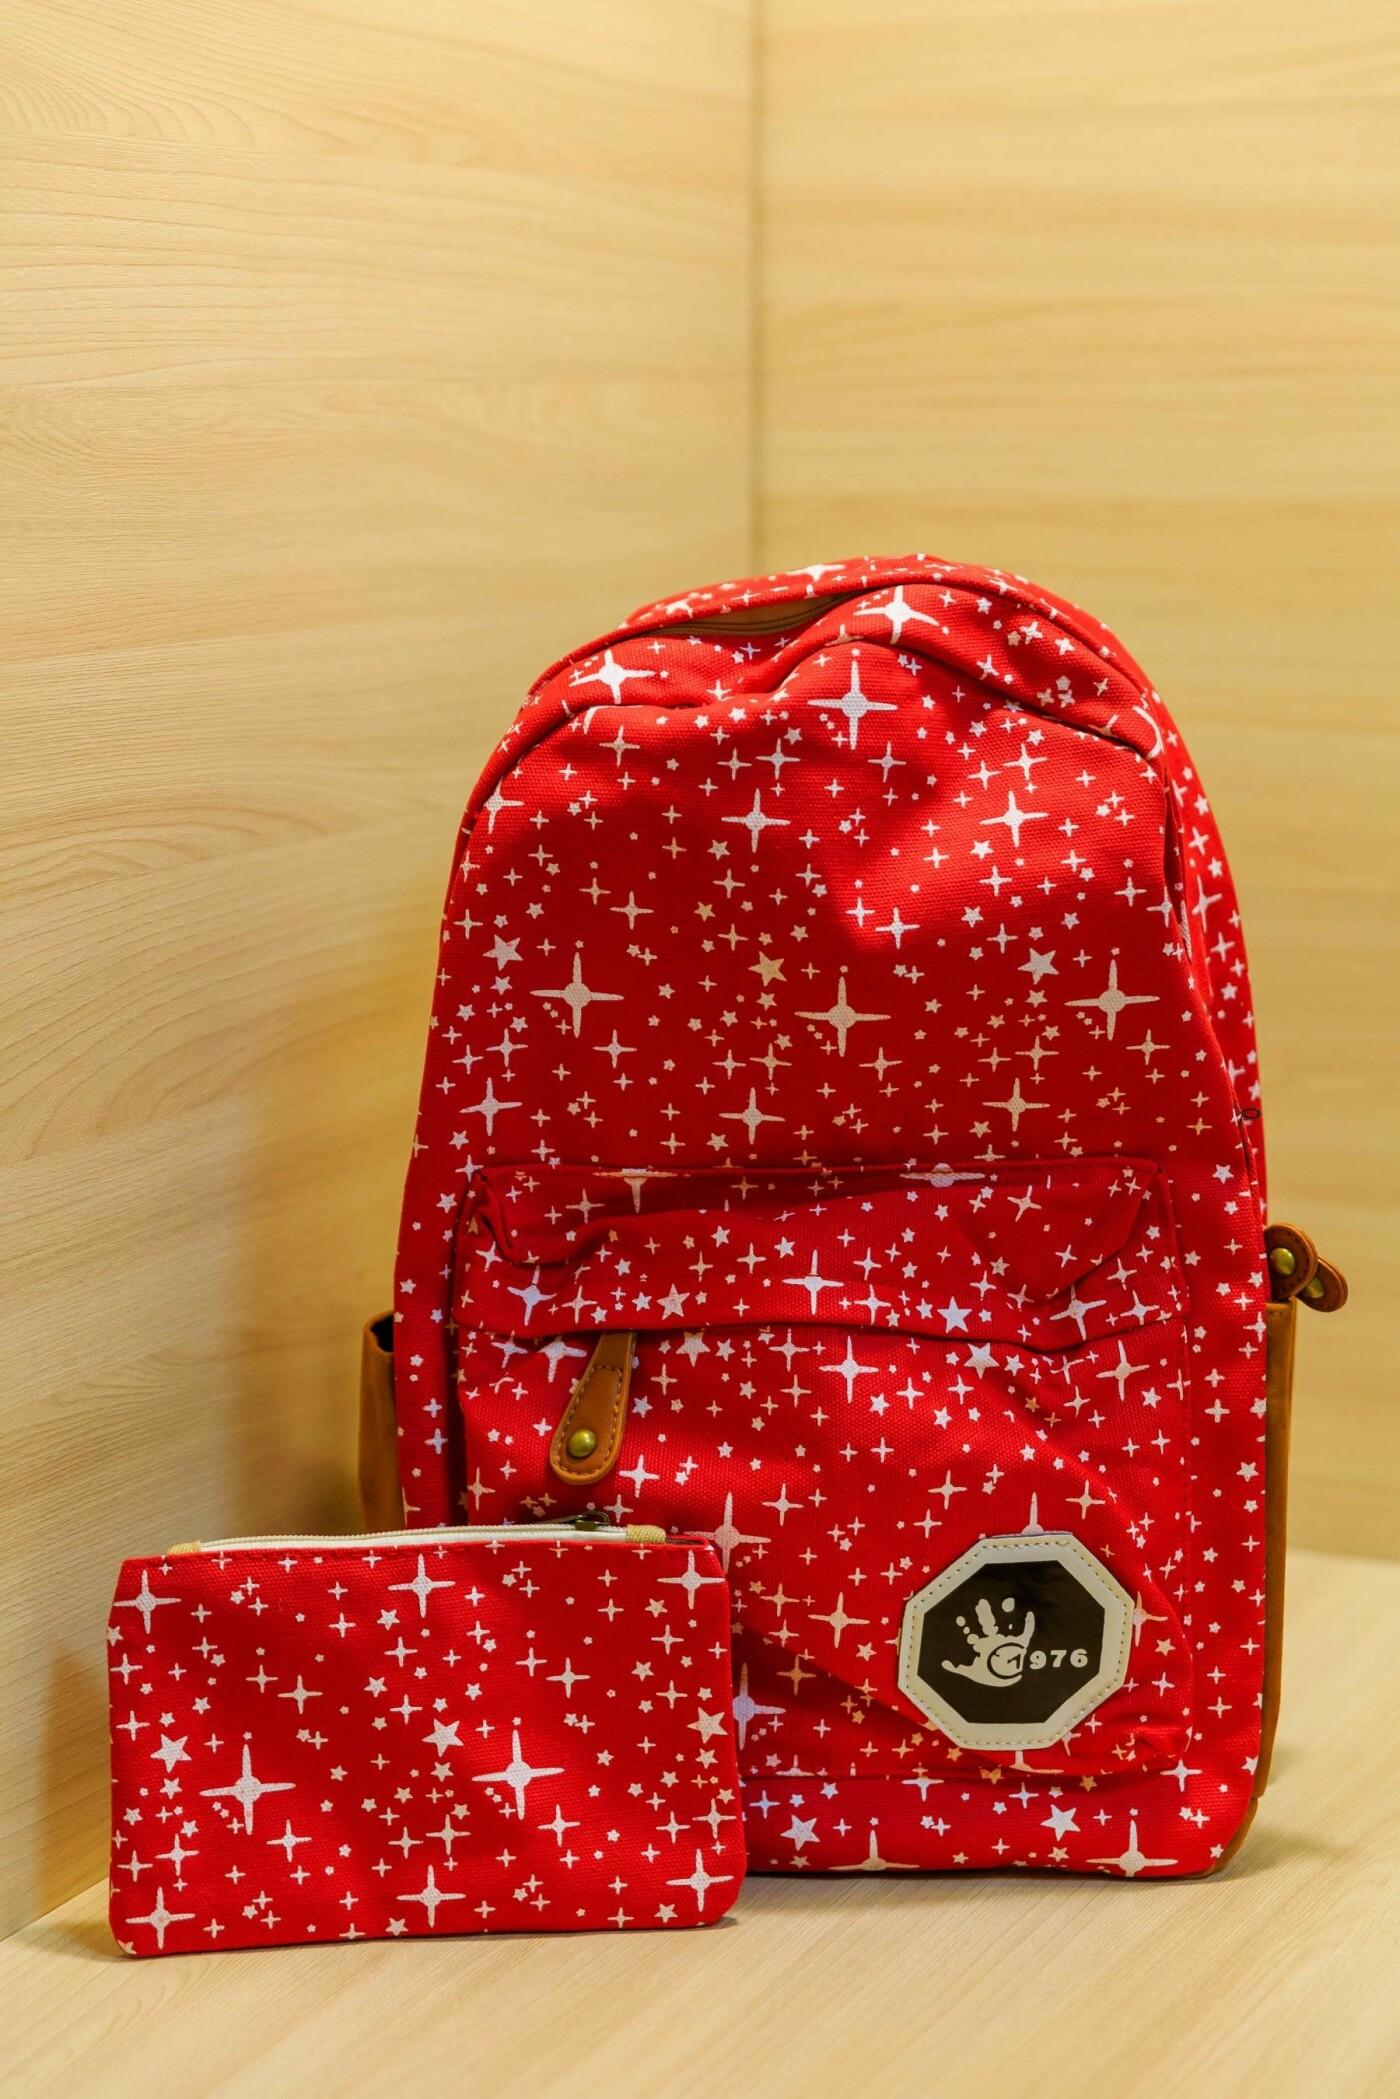 Яркие и практичные рюкзаки Rory, фото-2